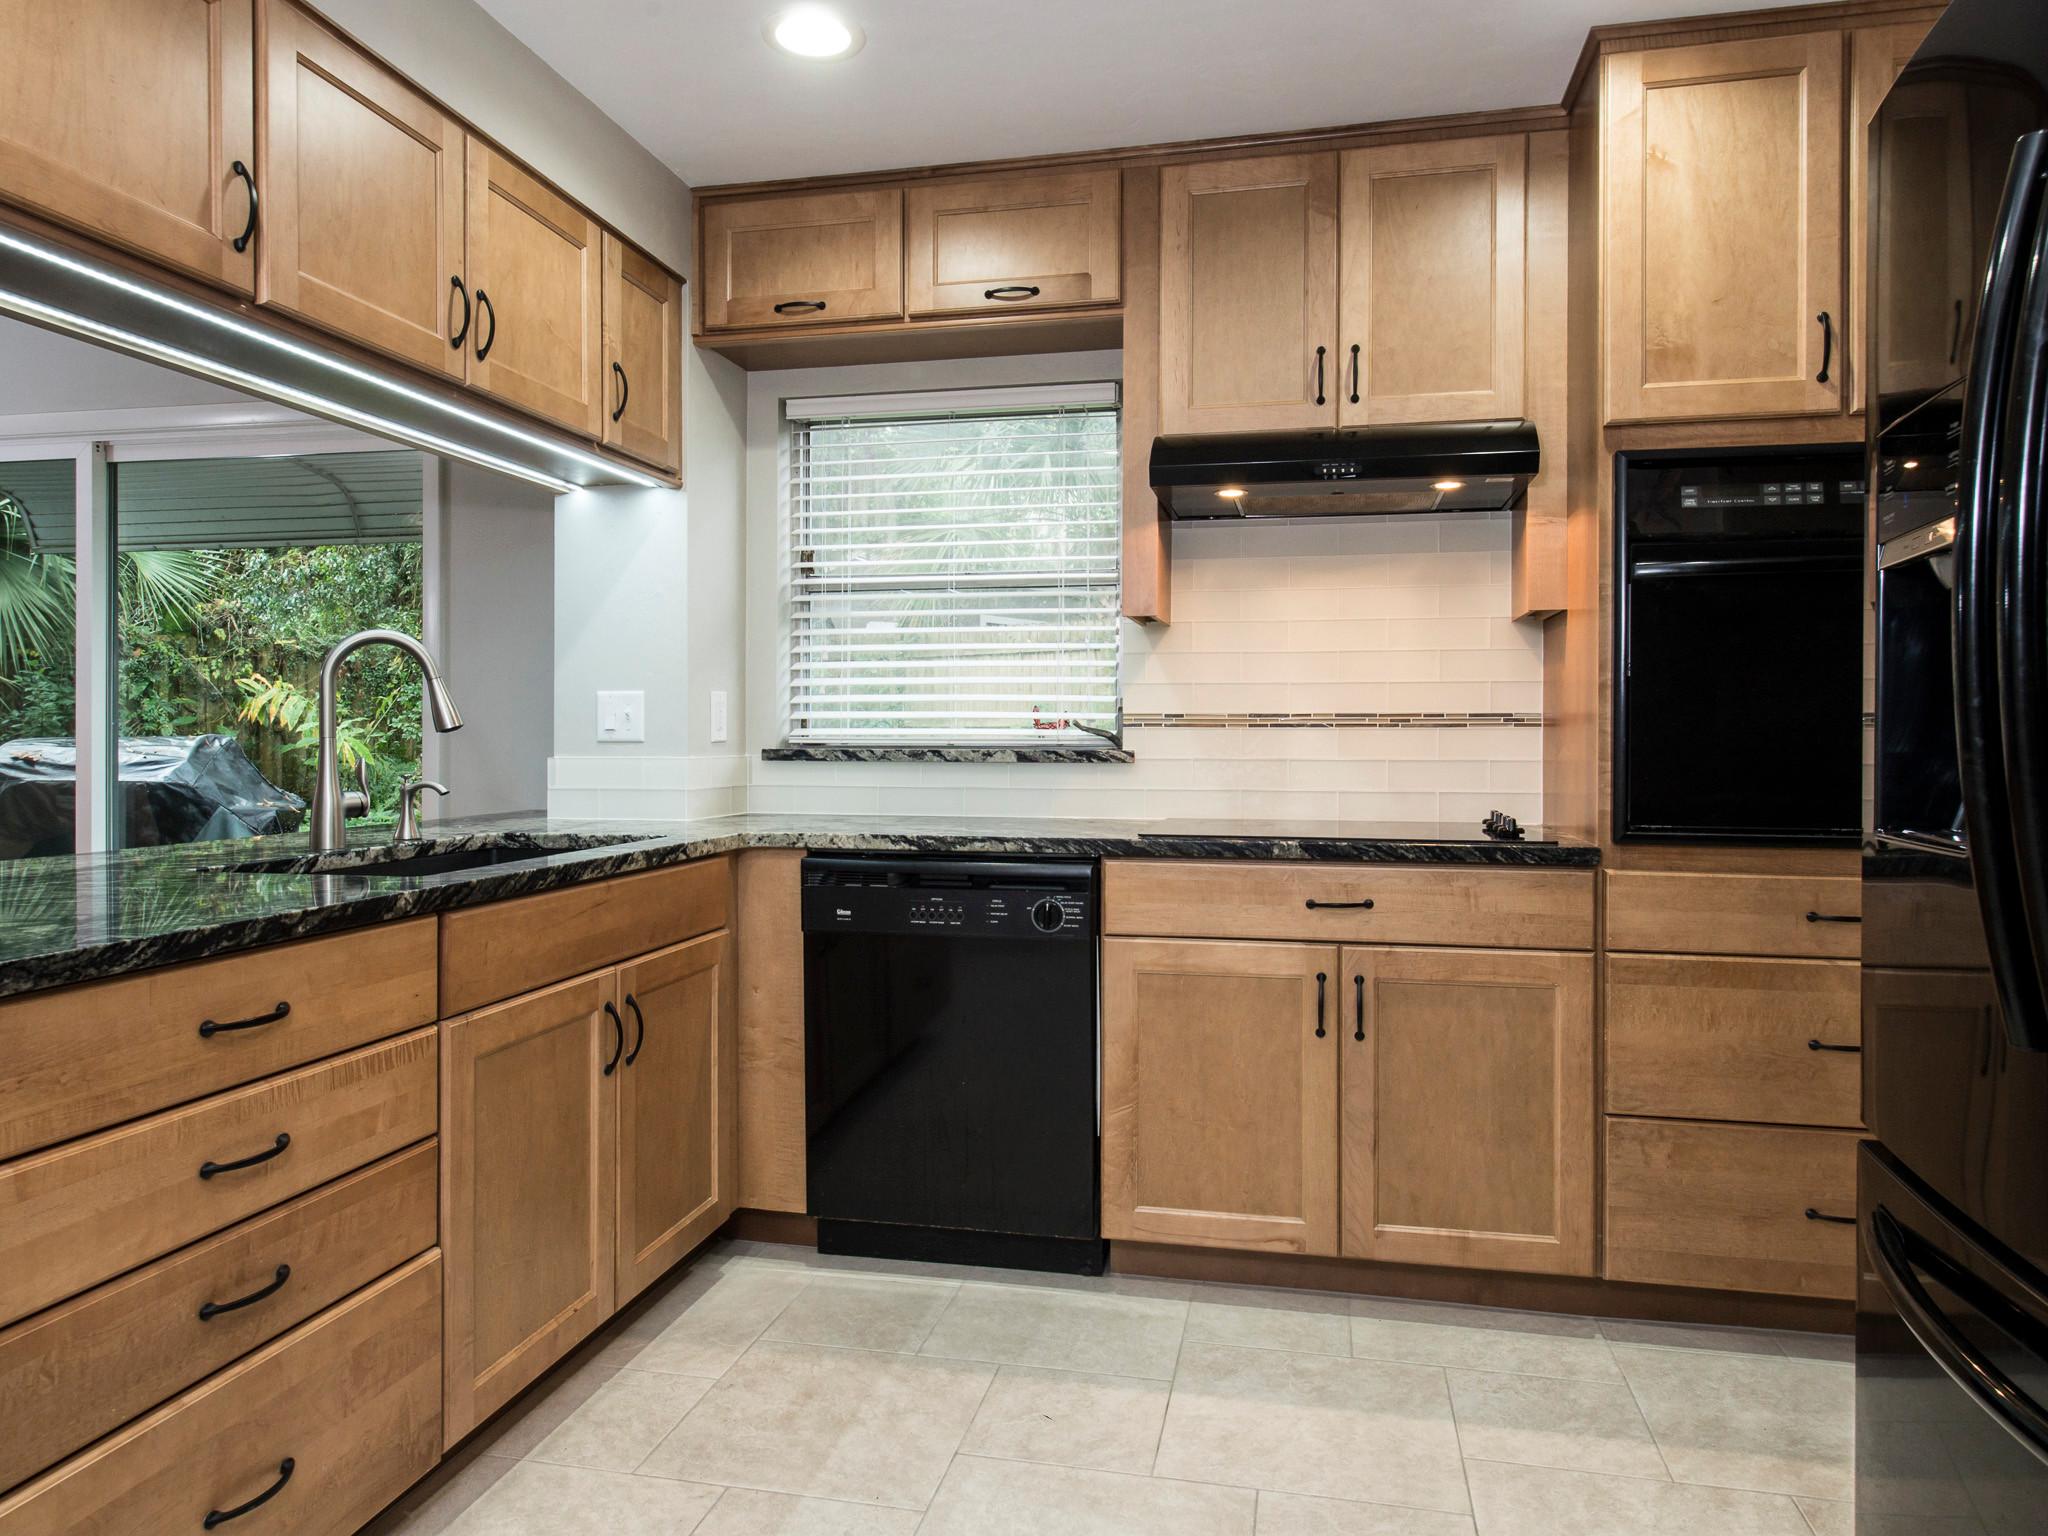 Historic Duckpond Kitchen Renovation Gainesville, Florida